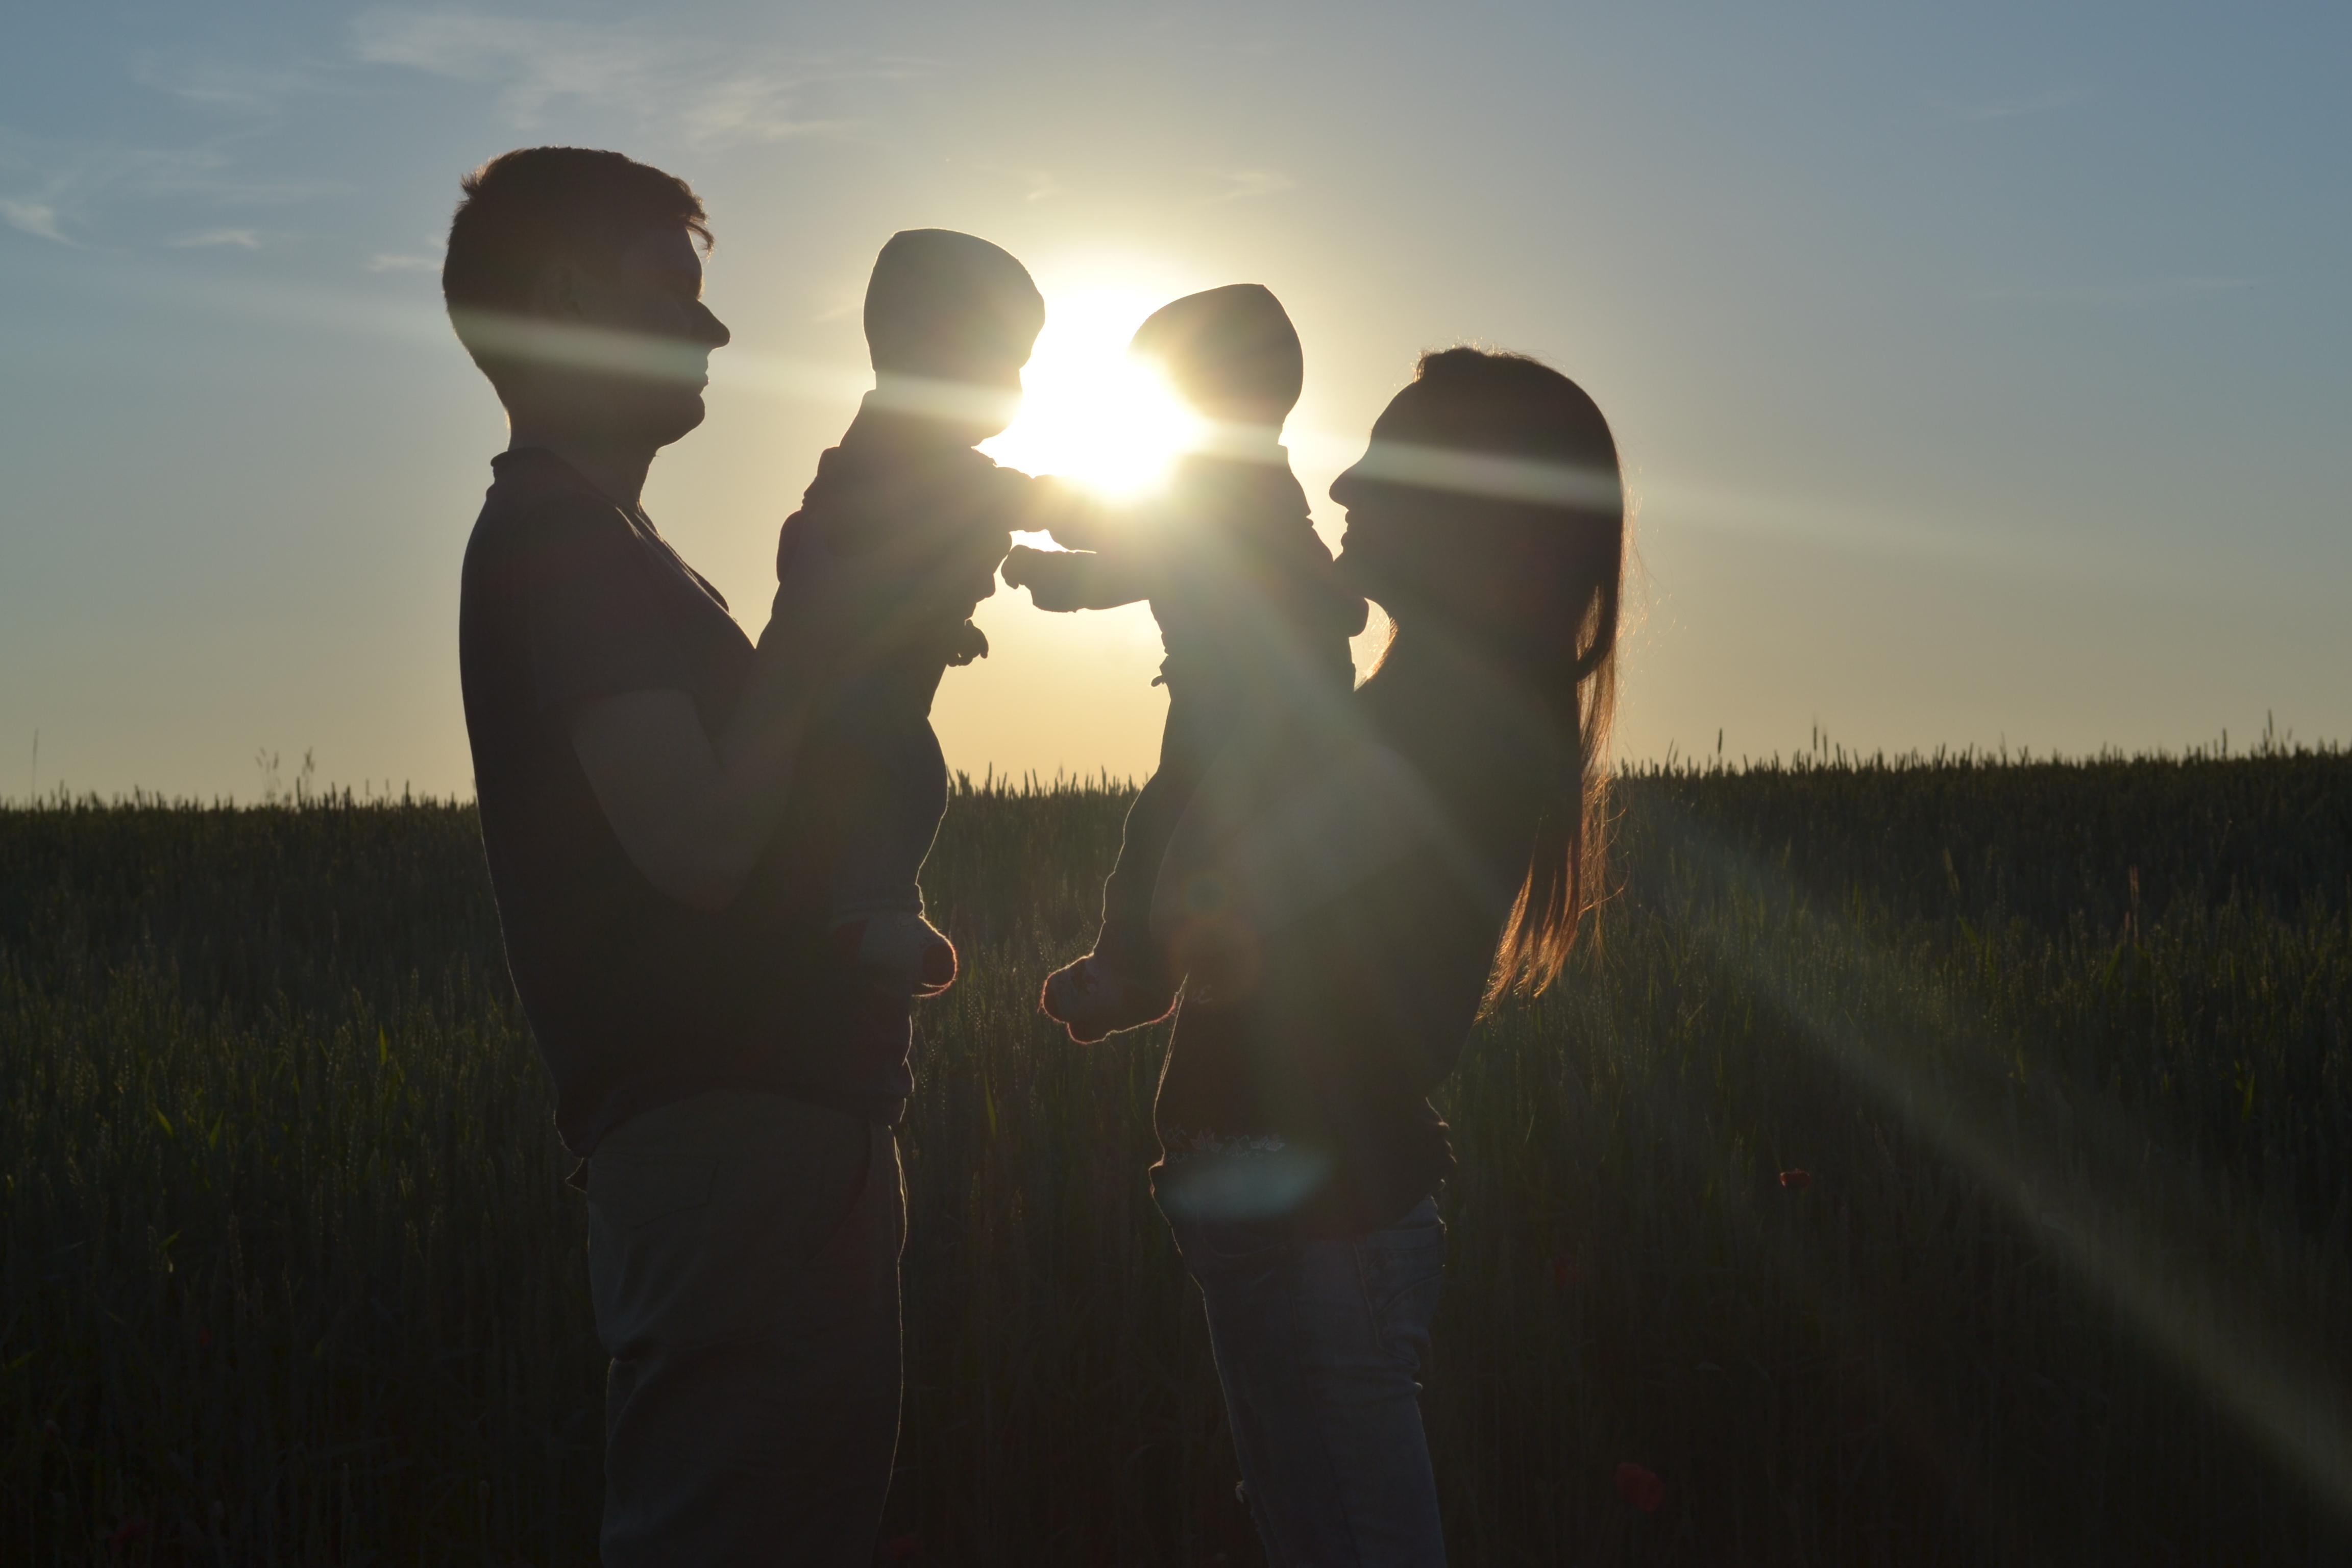 Сім*я - це маленький світ, створений коханням